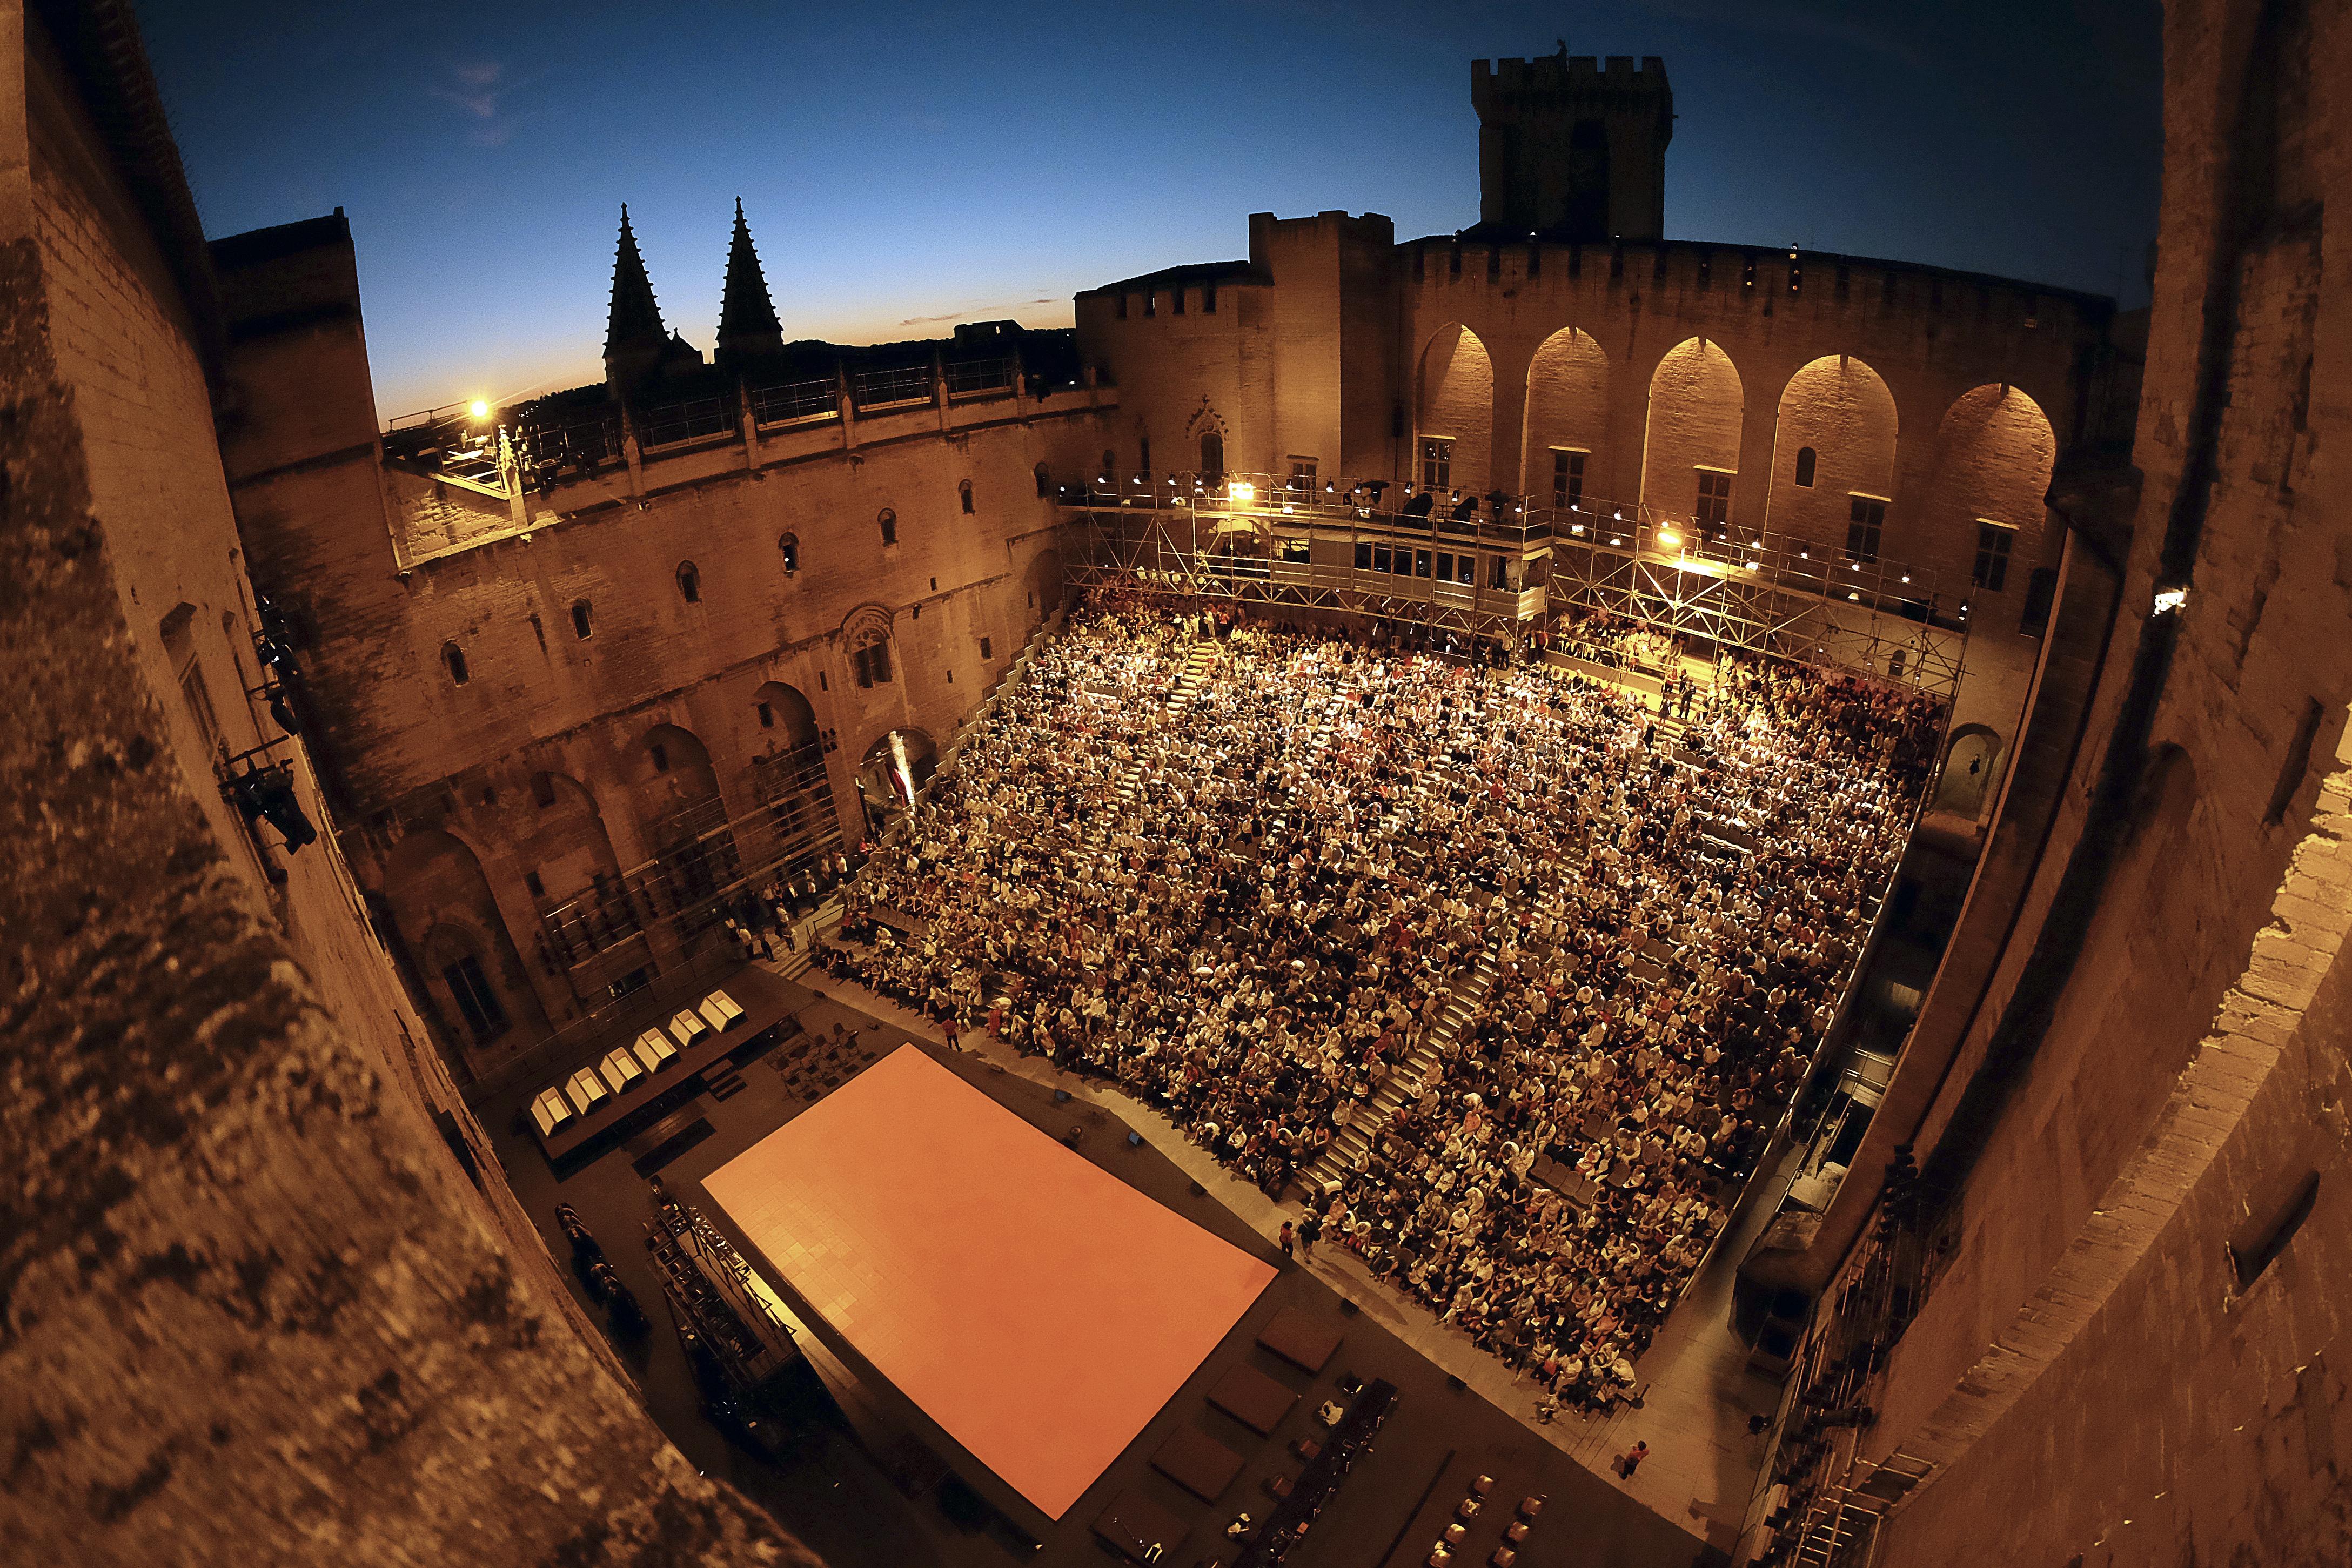 Festival d'Avignon ou château de Versailles, comment la culture est livrée aux mains malsaines des mécènes